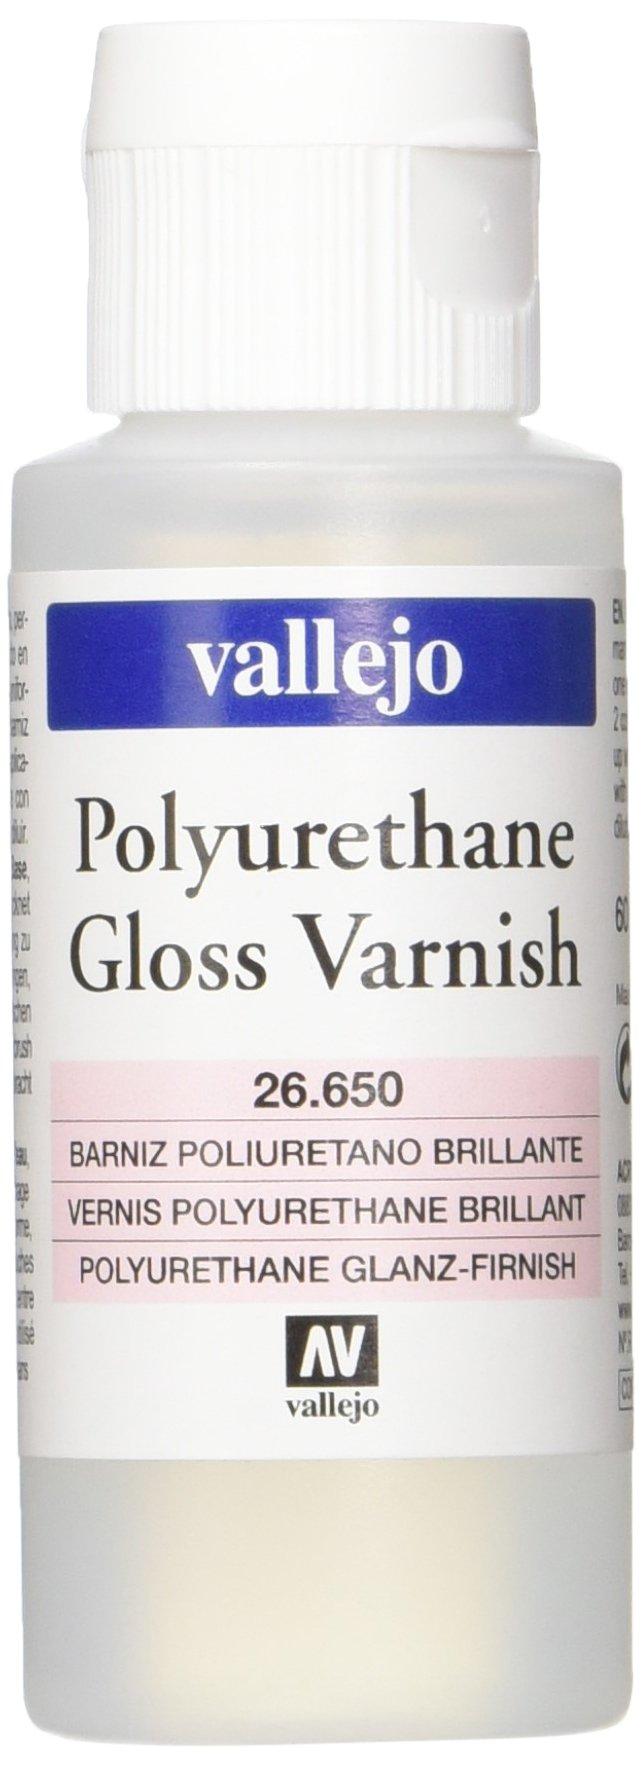 Vallejo Gloss Varnish Polyurethane, 60ml